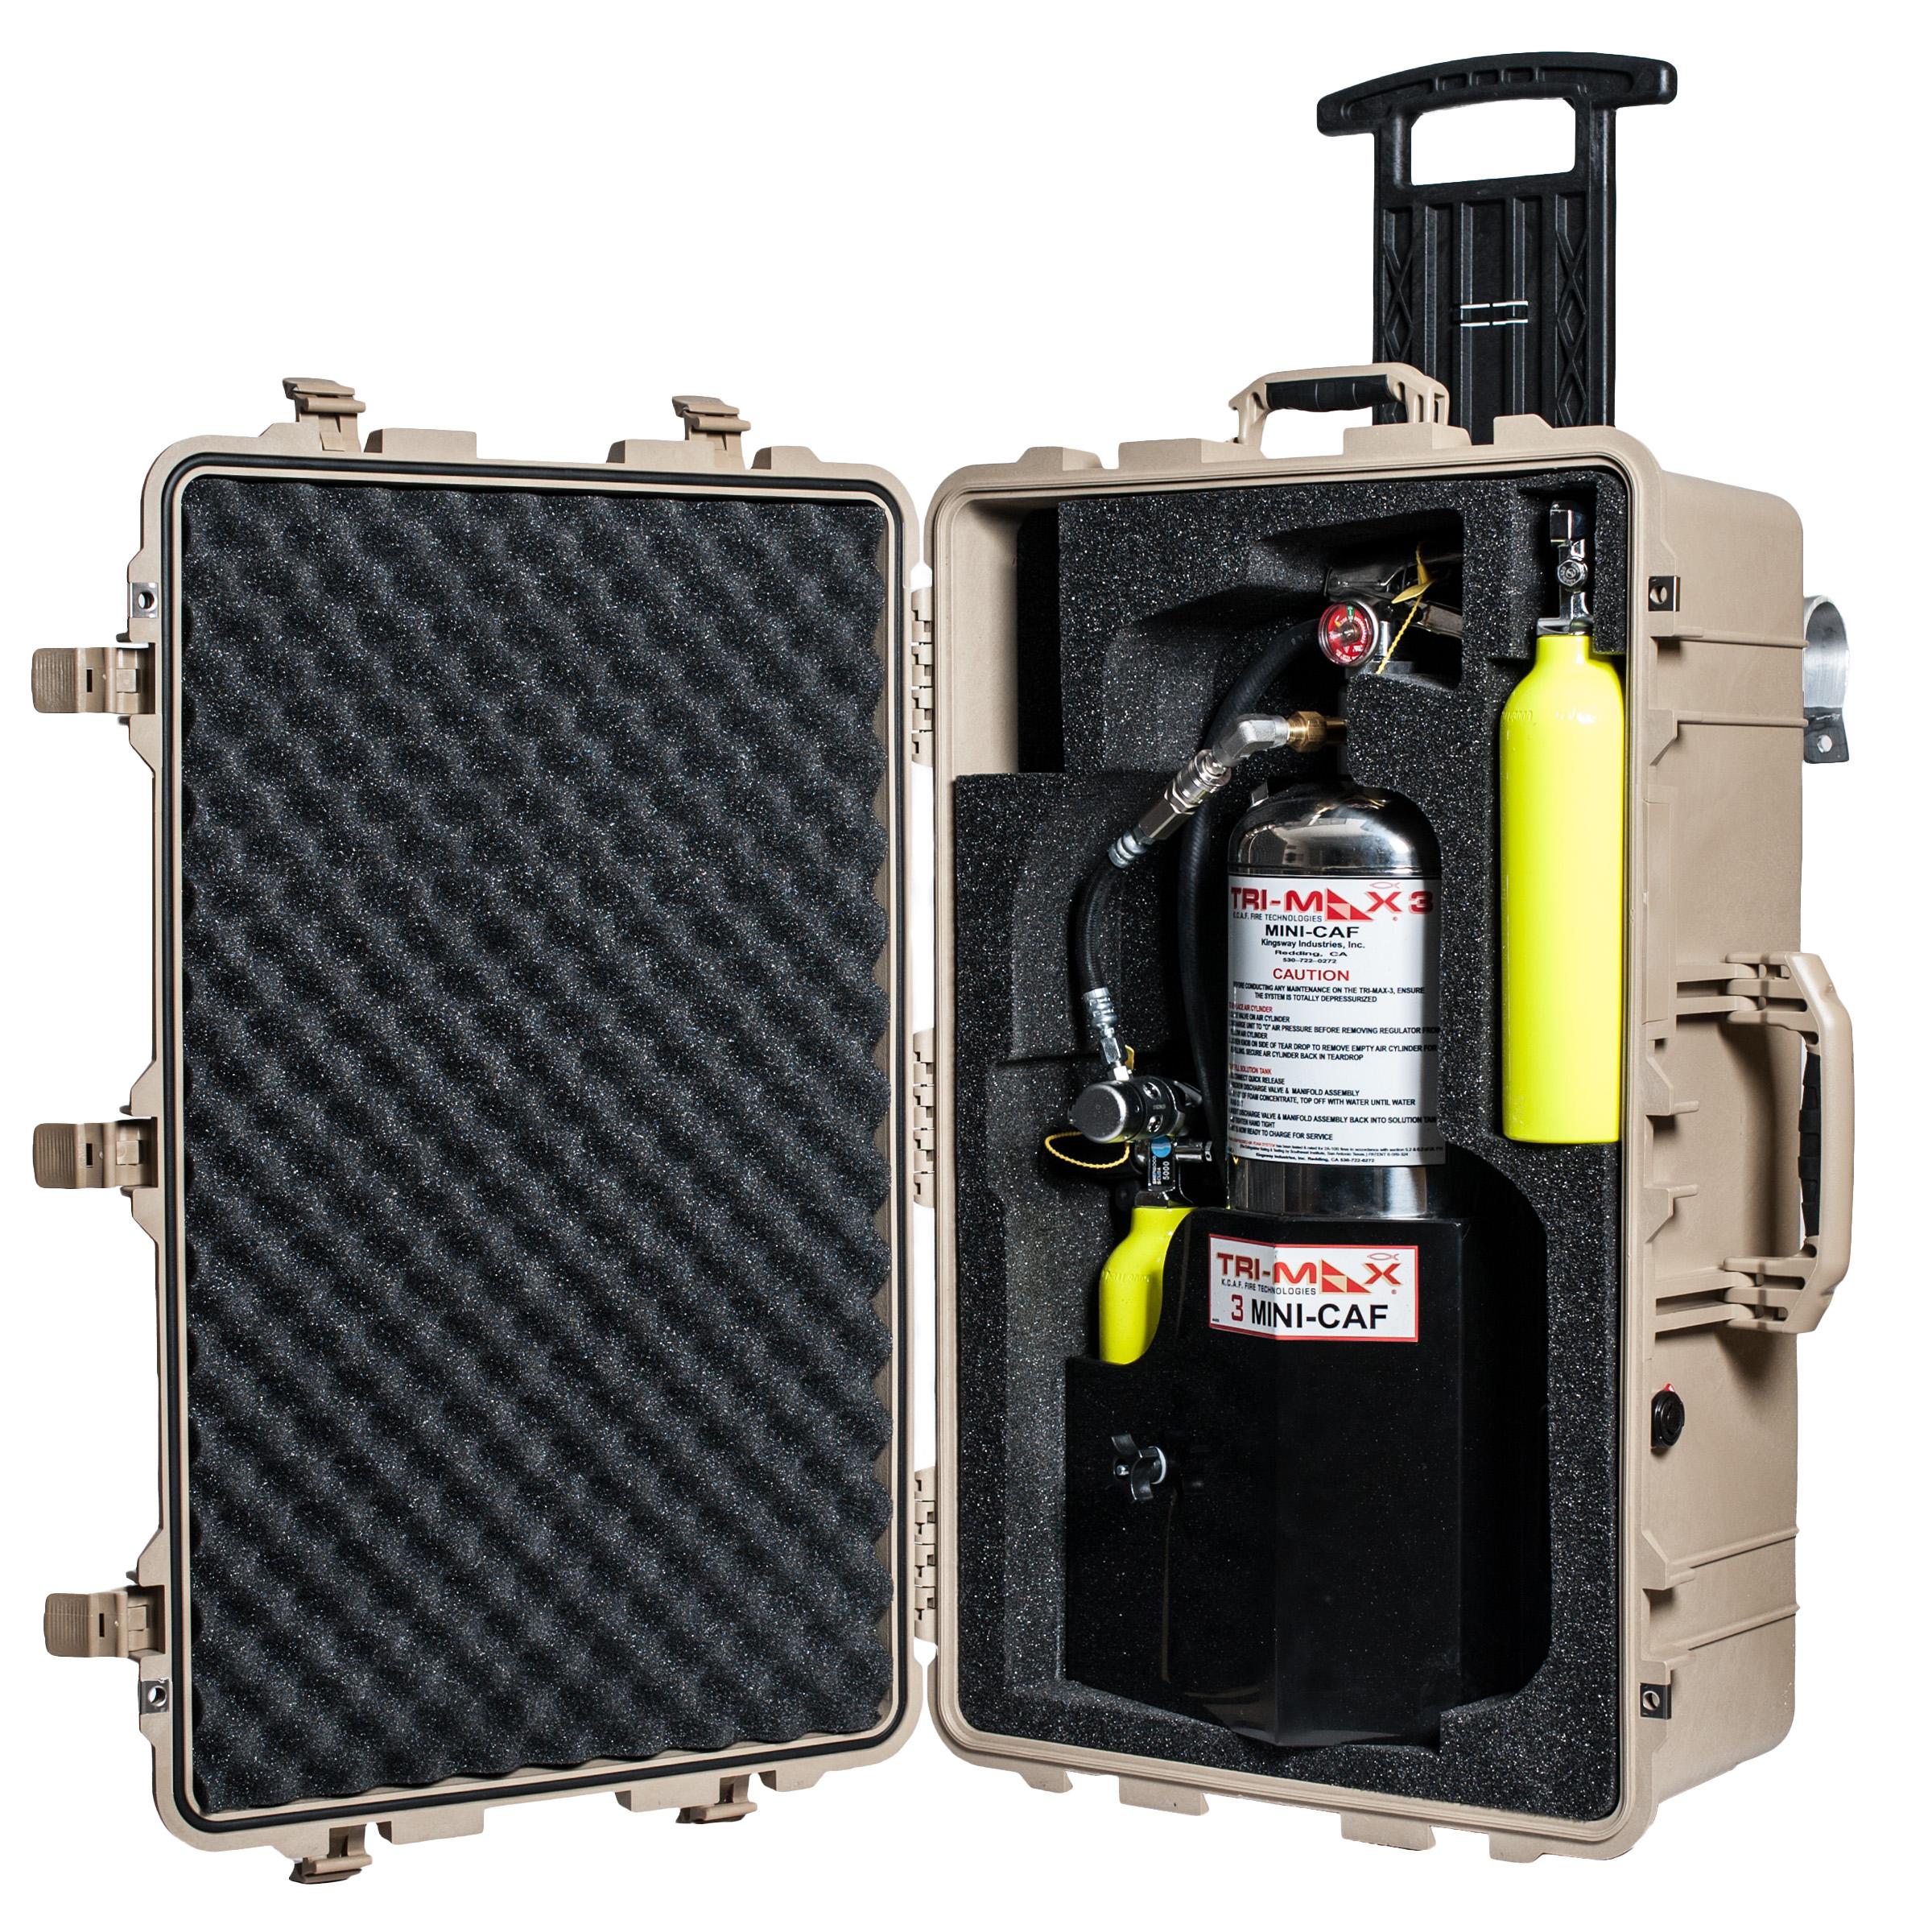 TRI-MAX 3 Pelican Case